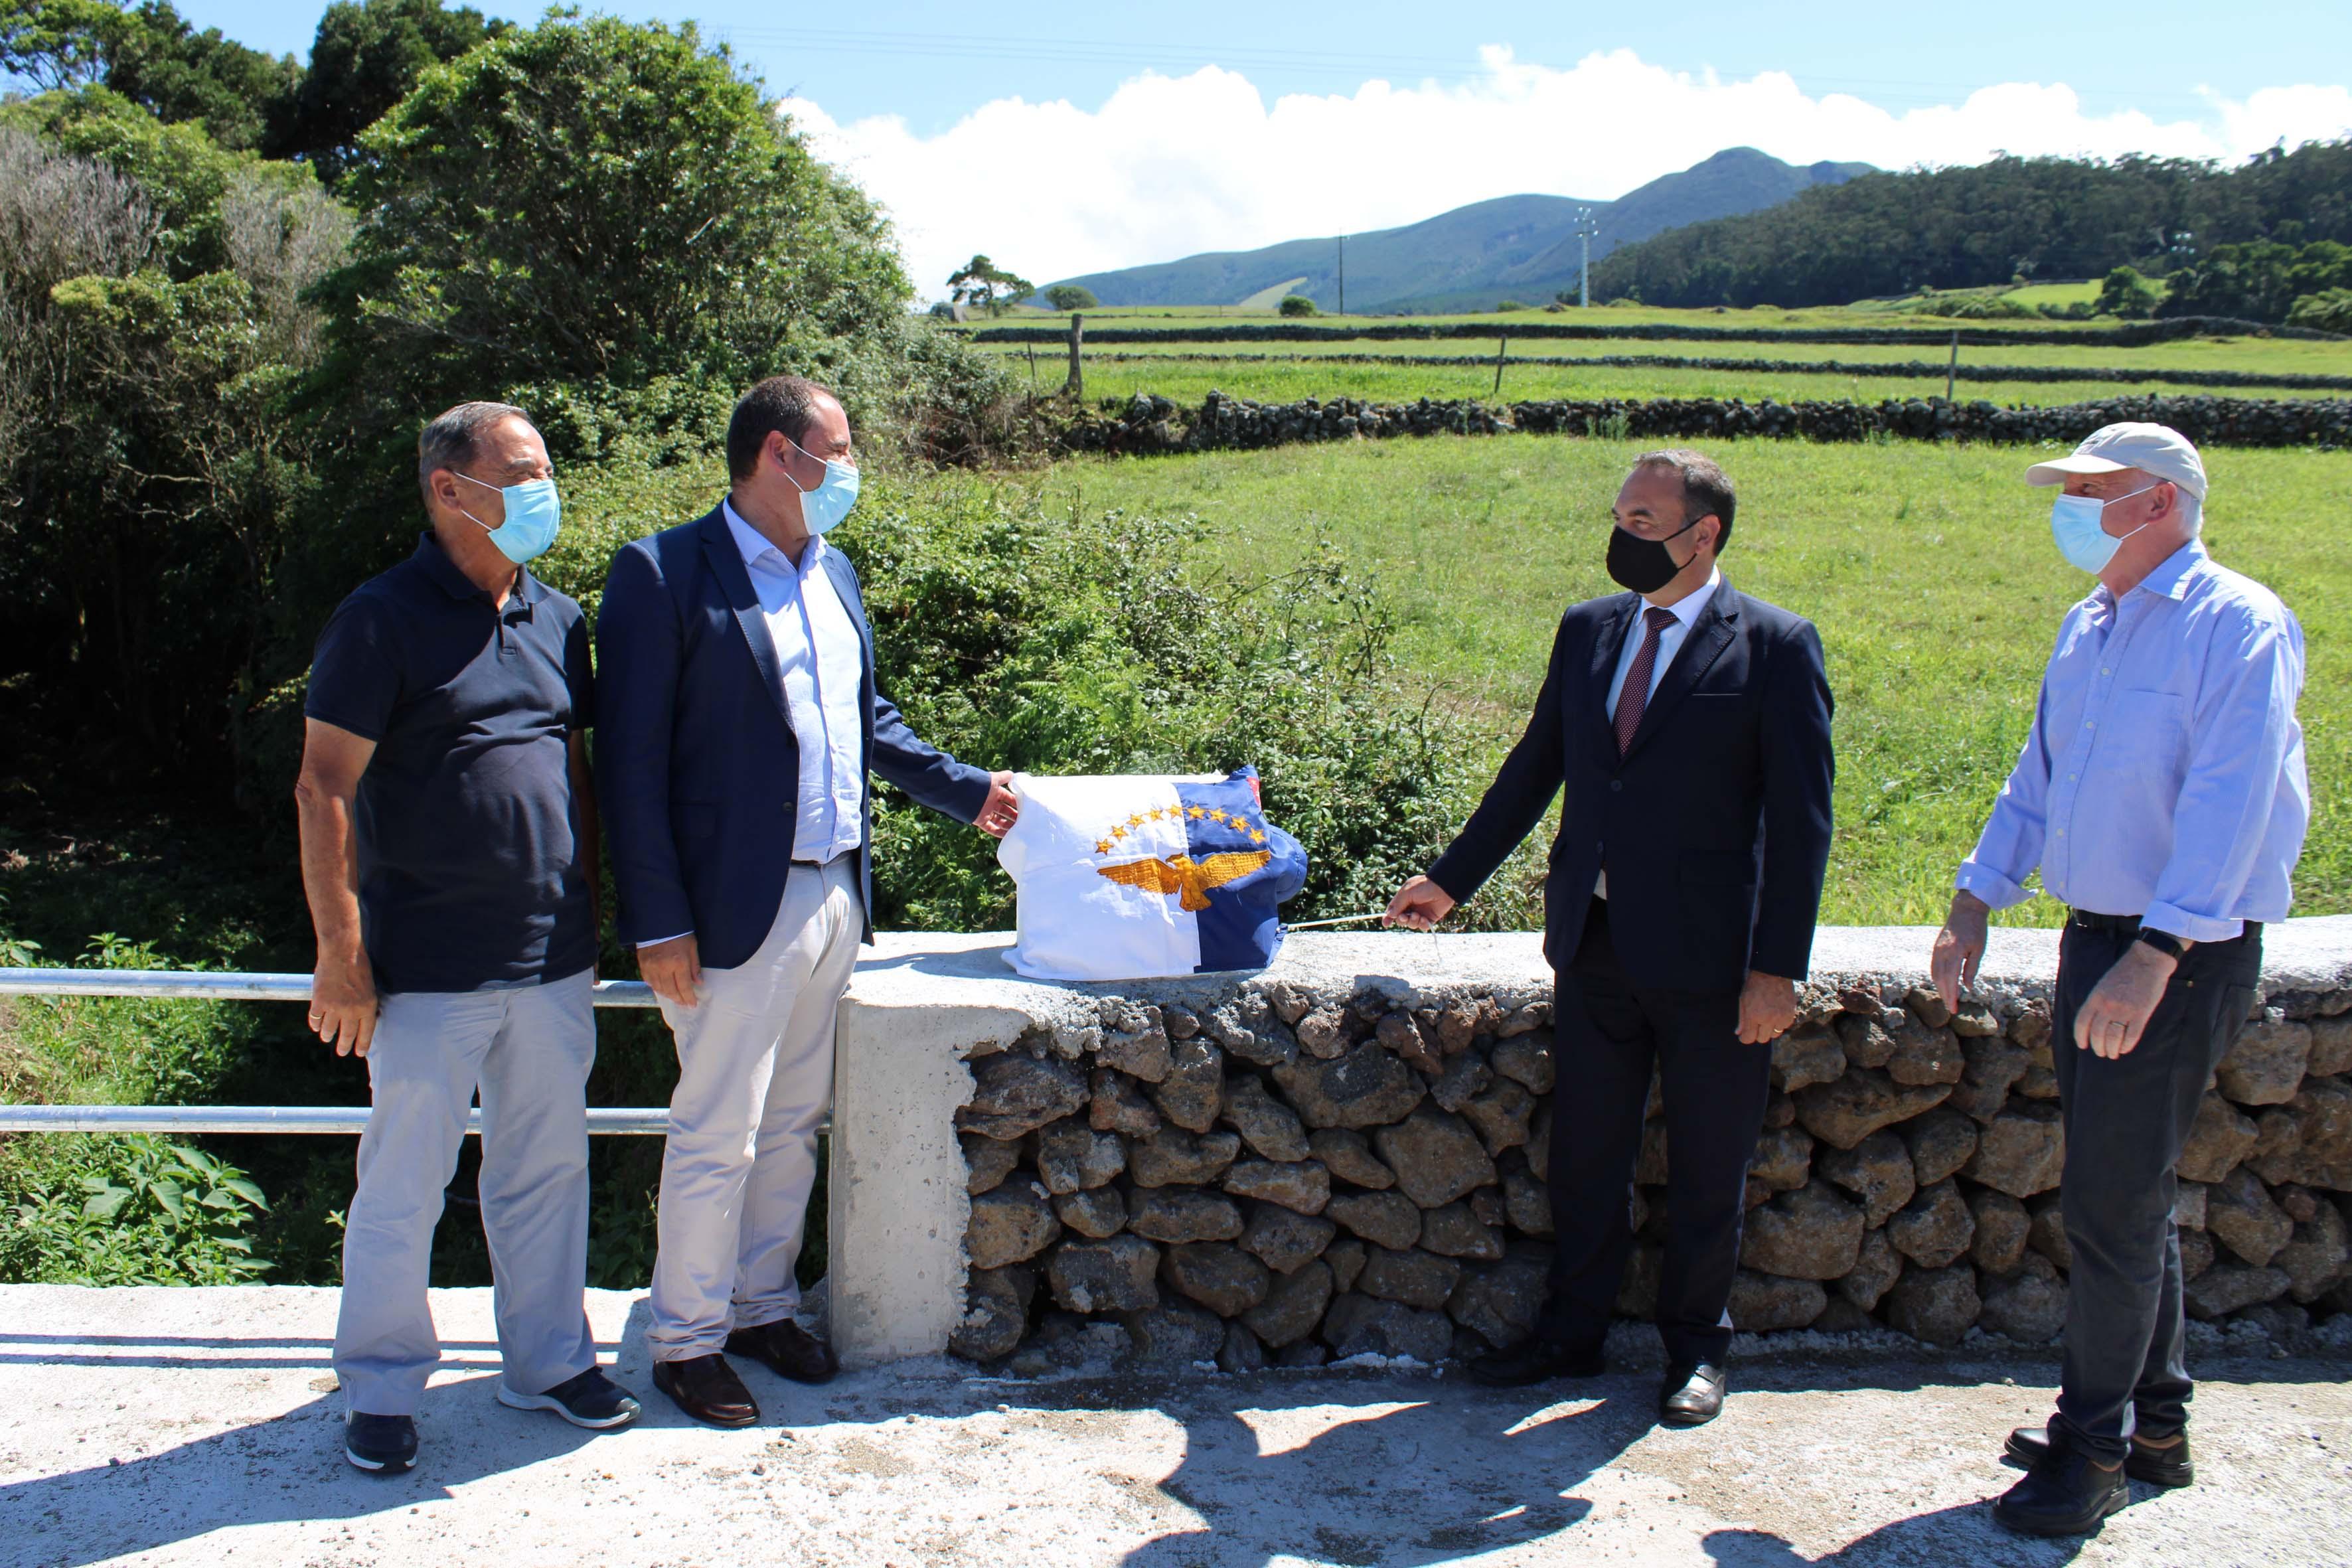 Inauguração da passagem hidráulica da Ribeira das Lajinhas